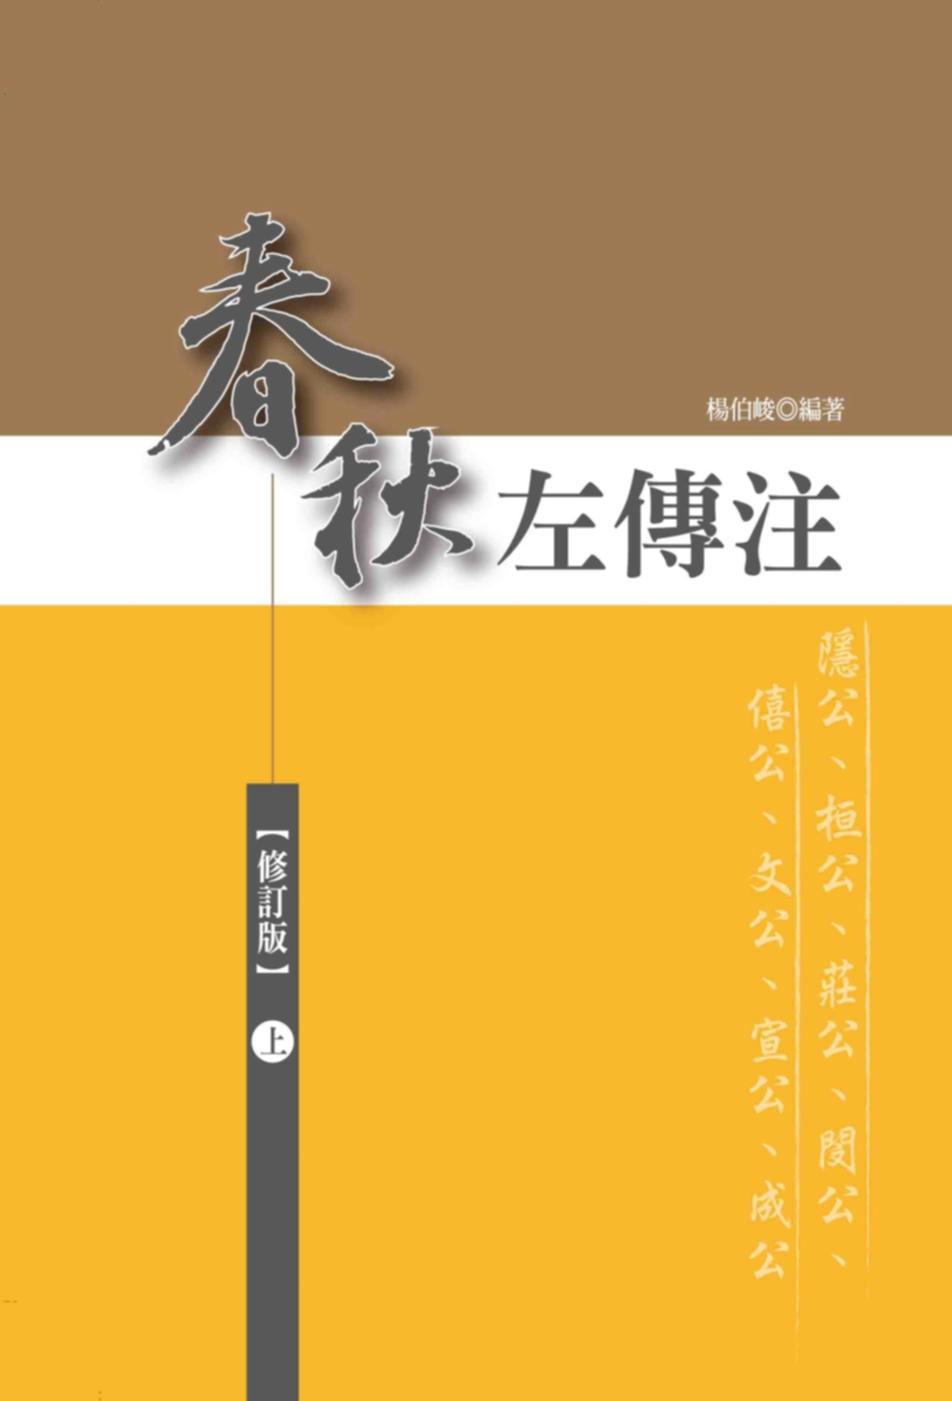 春秋左傳注(上)【精裝、修訂版】